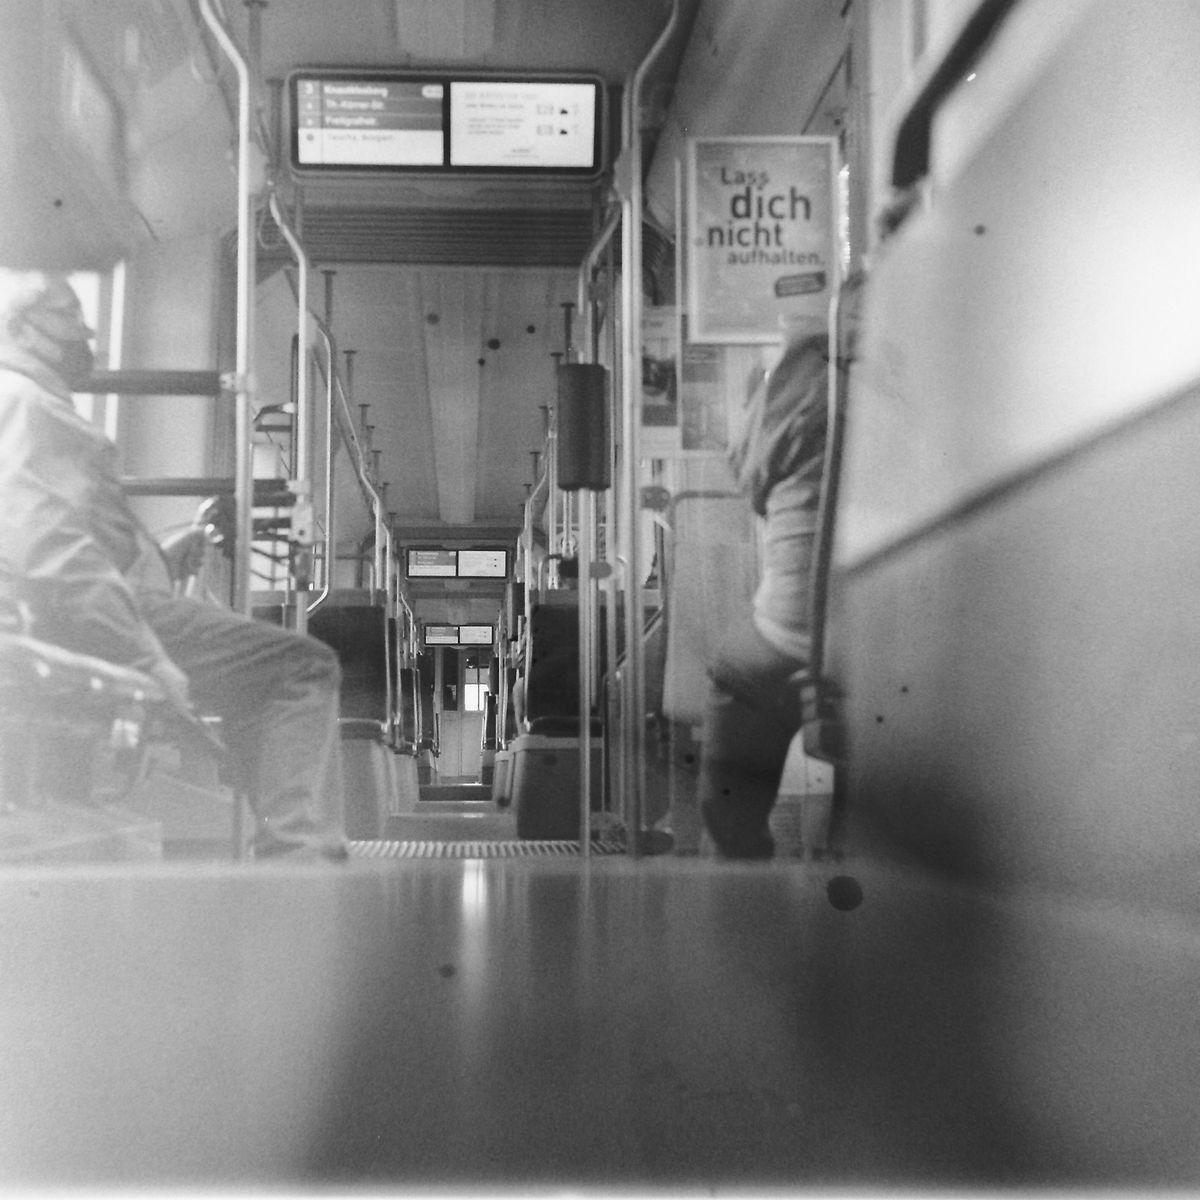 Zwischenlockdown – Trip mit der Leipziger Straßenbahn nach Taucha